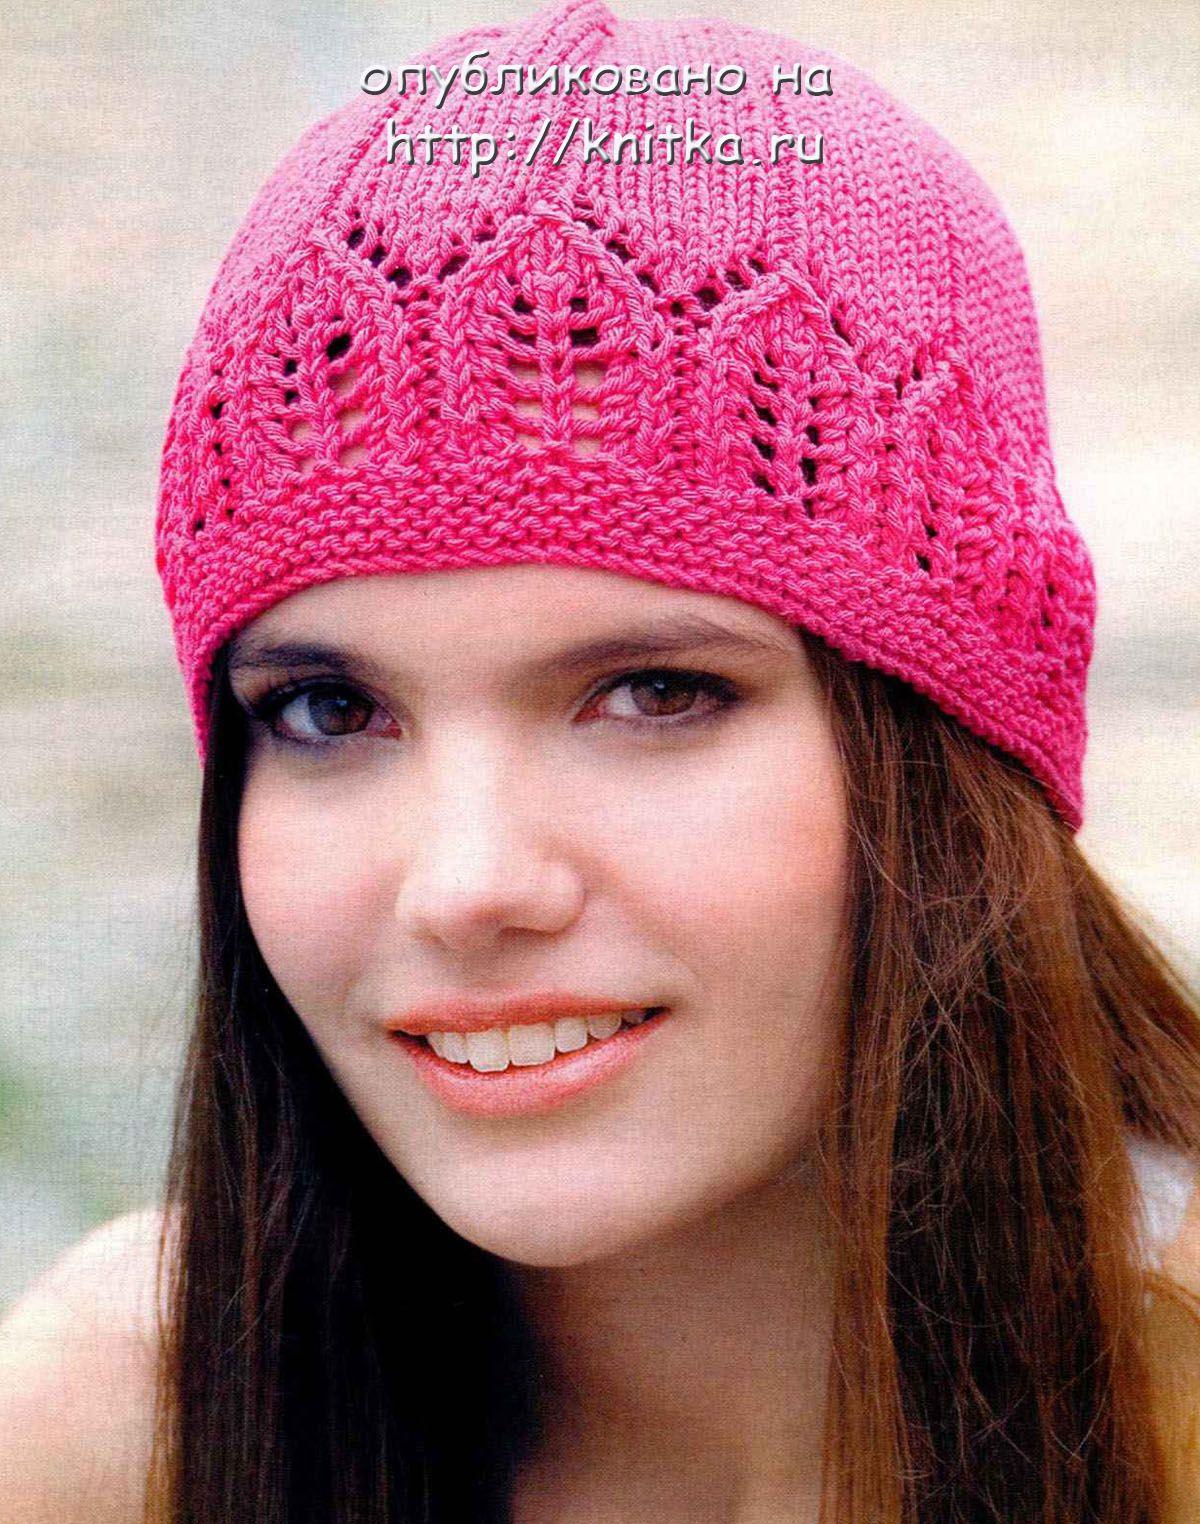 Модная летняя шапочка, Вязание для женщин | Вязаные ...